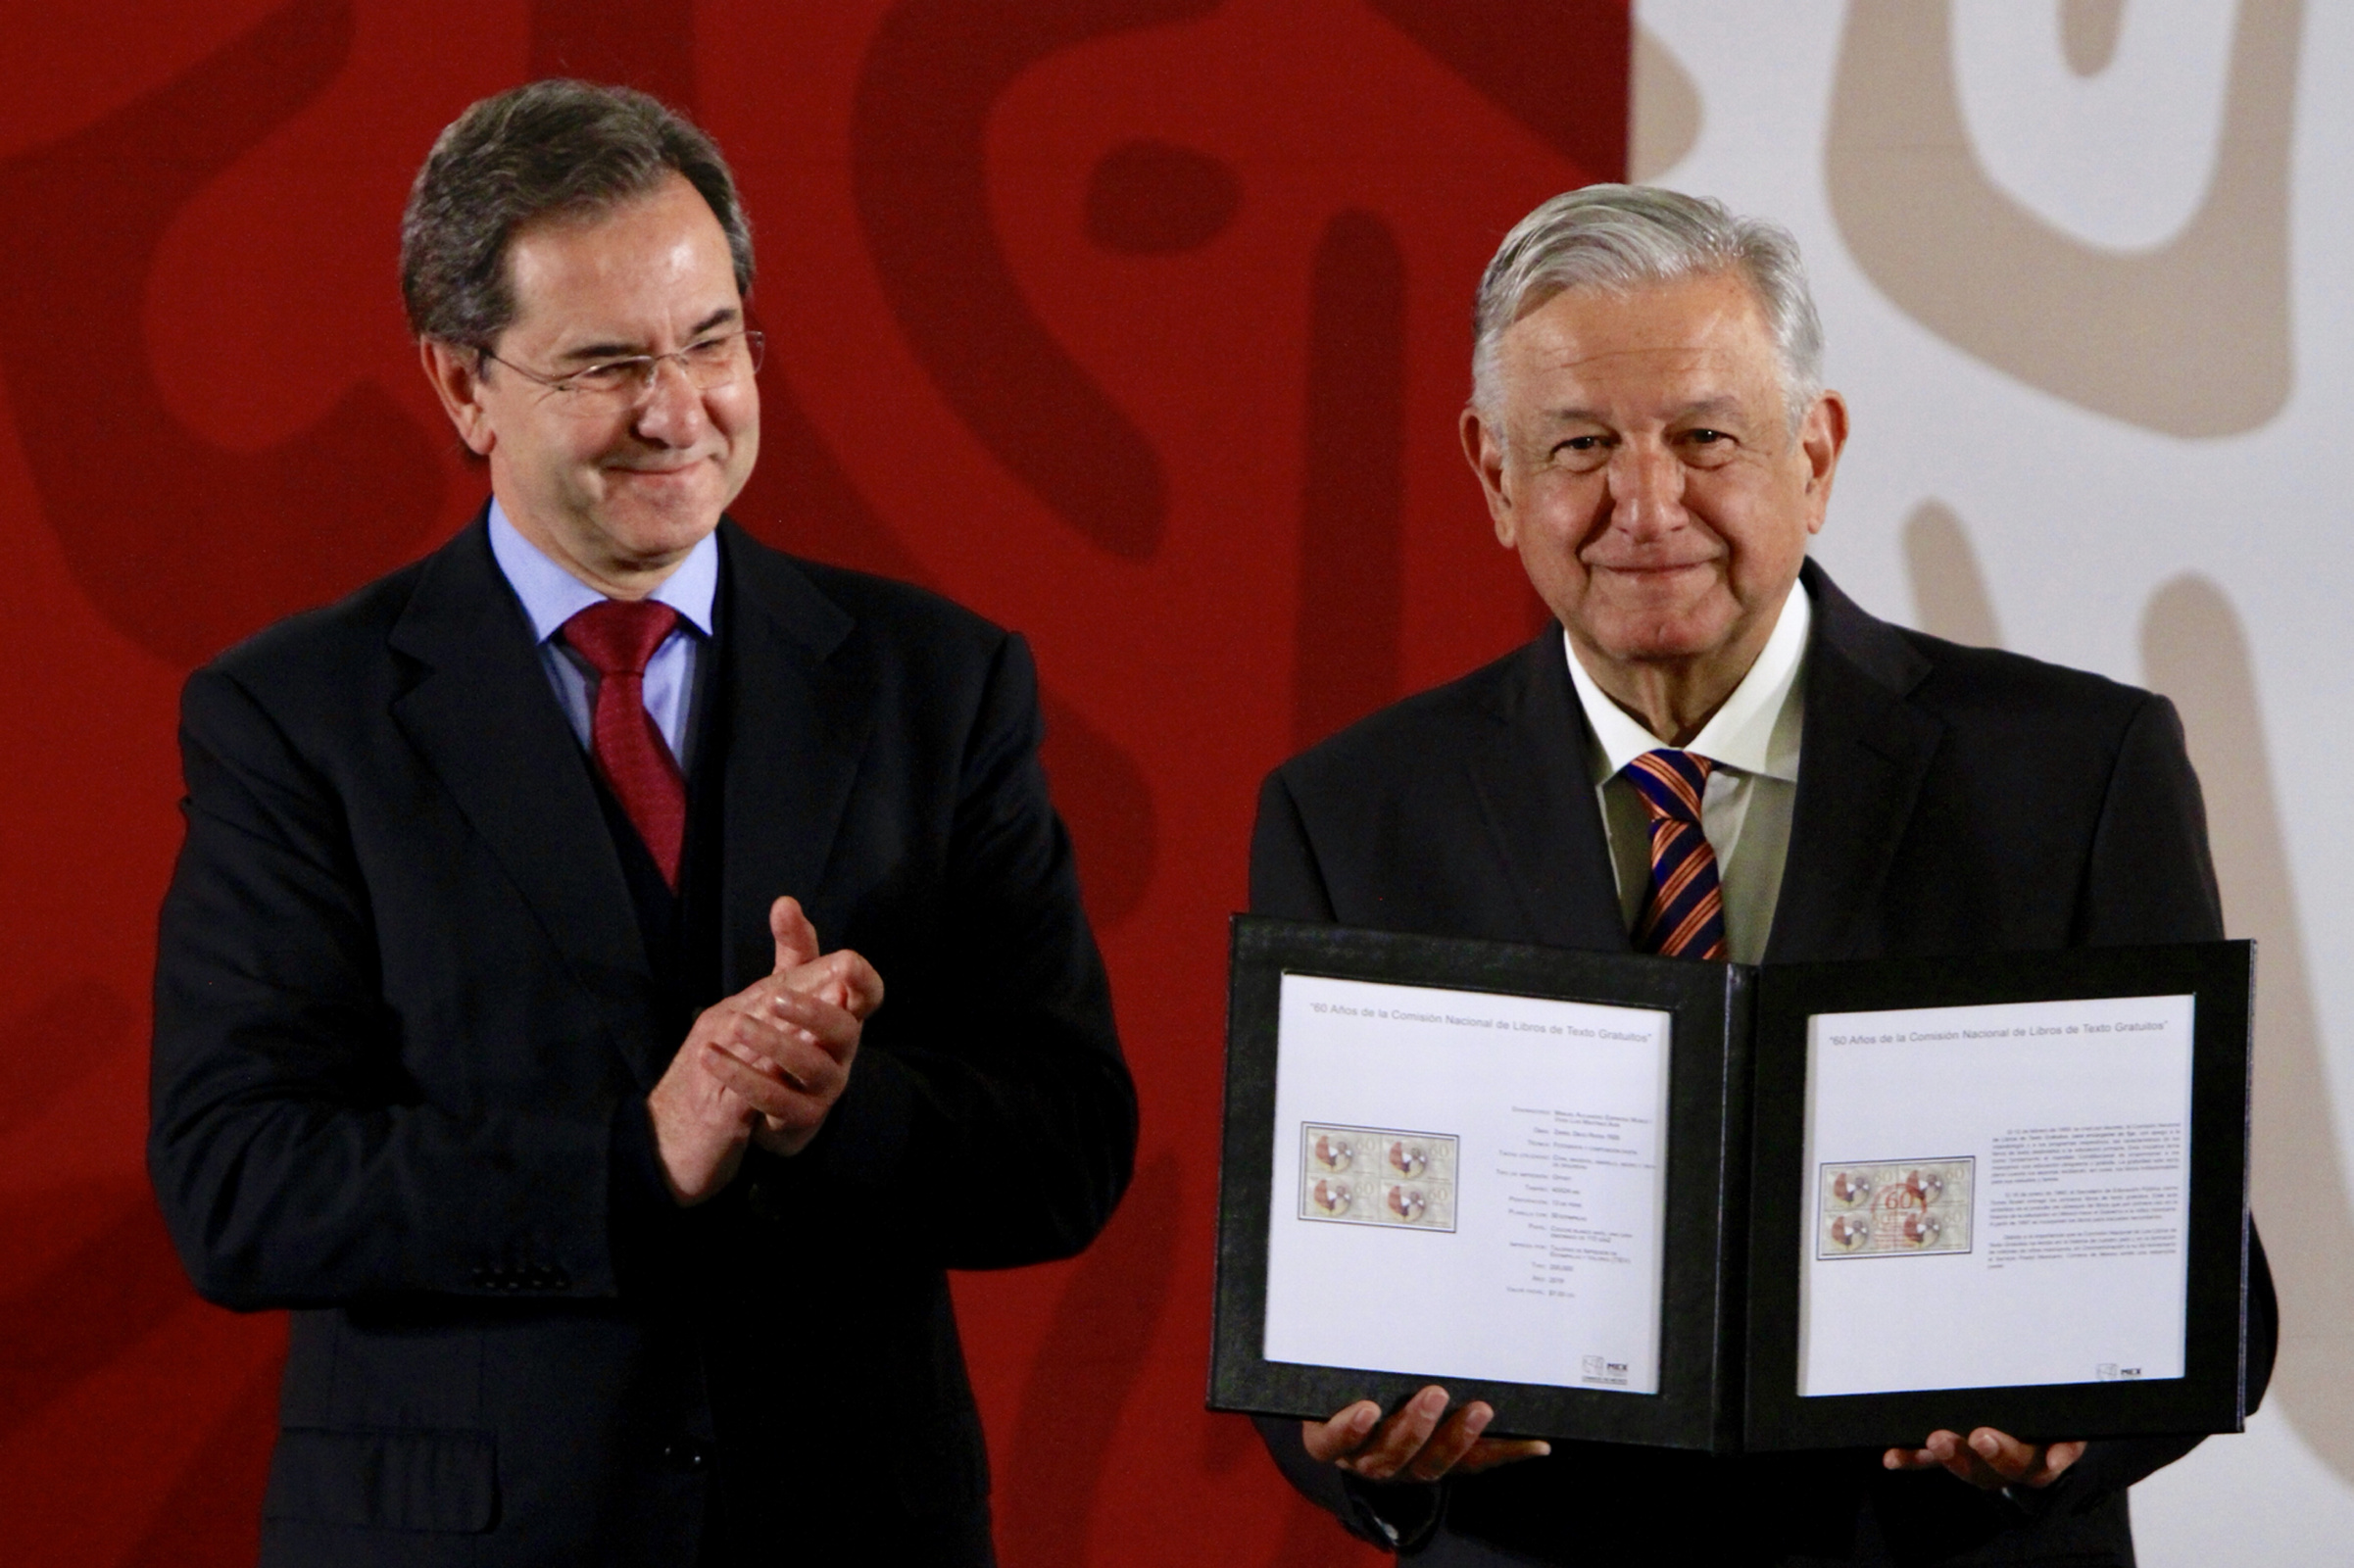 Esteban Moctezuma anuncia nuevo modelo educativo